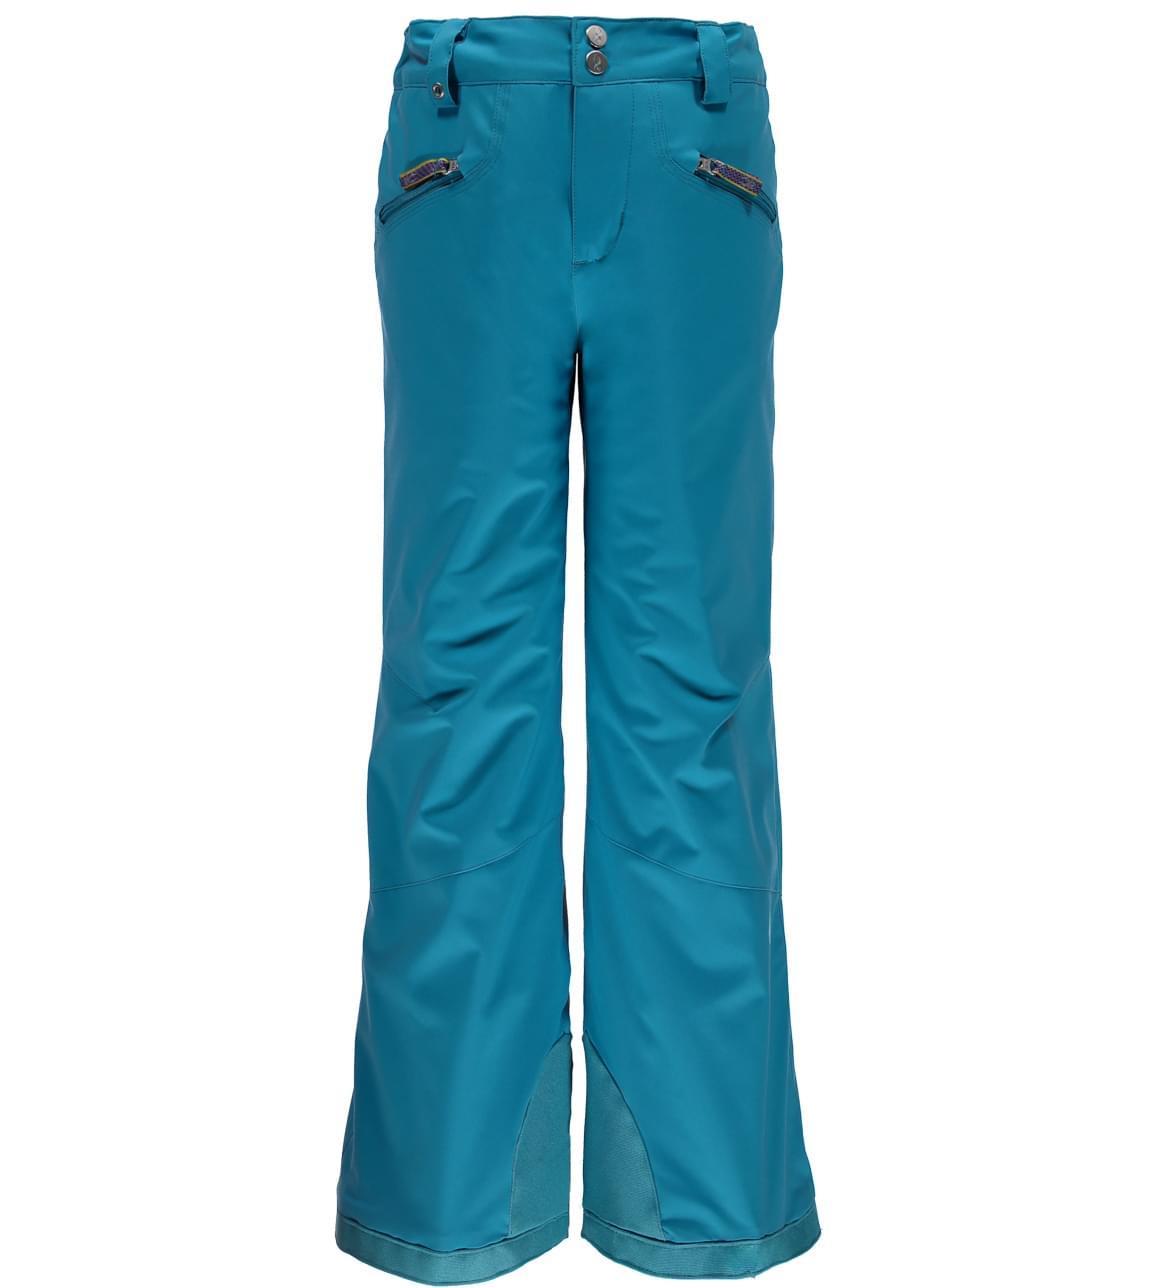 Dívčí membránové lyžařské kalhoty Spyder Vixen Tailored Pant 8